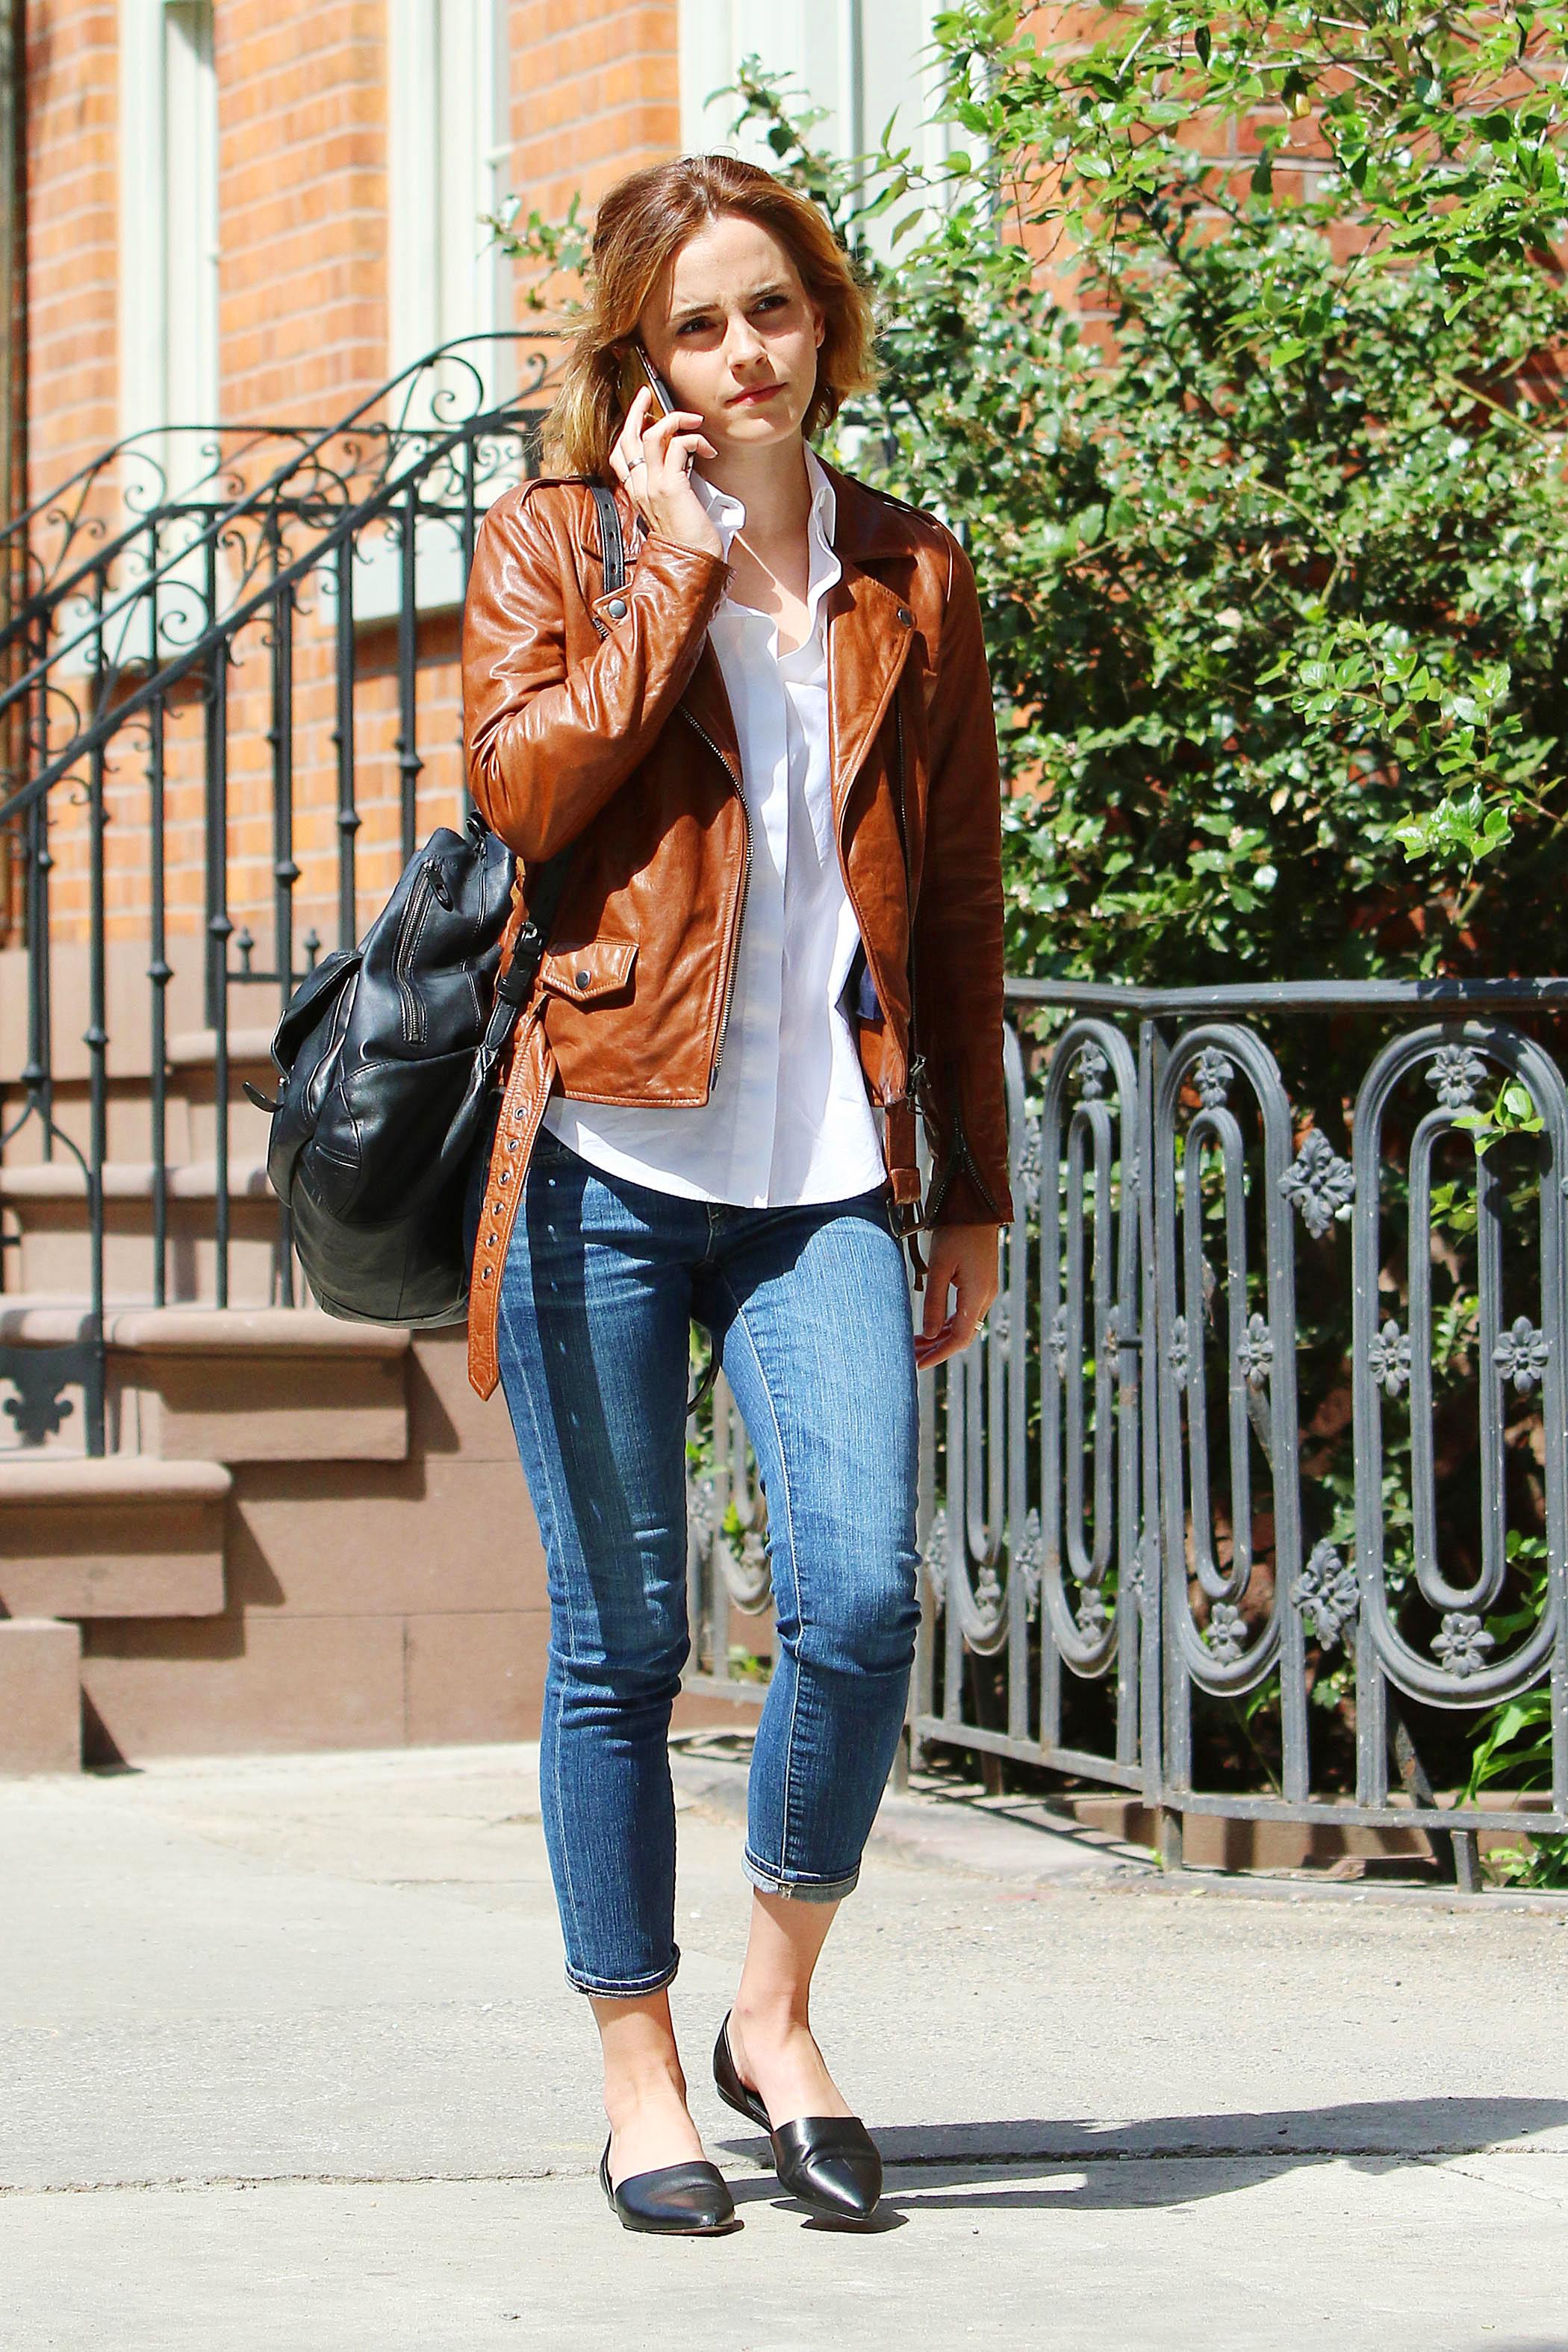 Emma watson style emma watson fashion photos Emma watson fashion and style